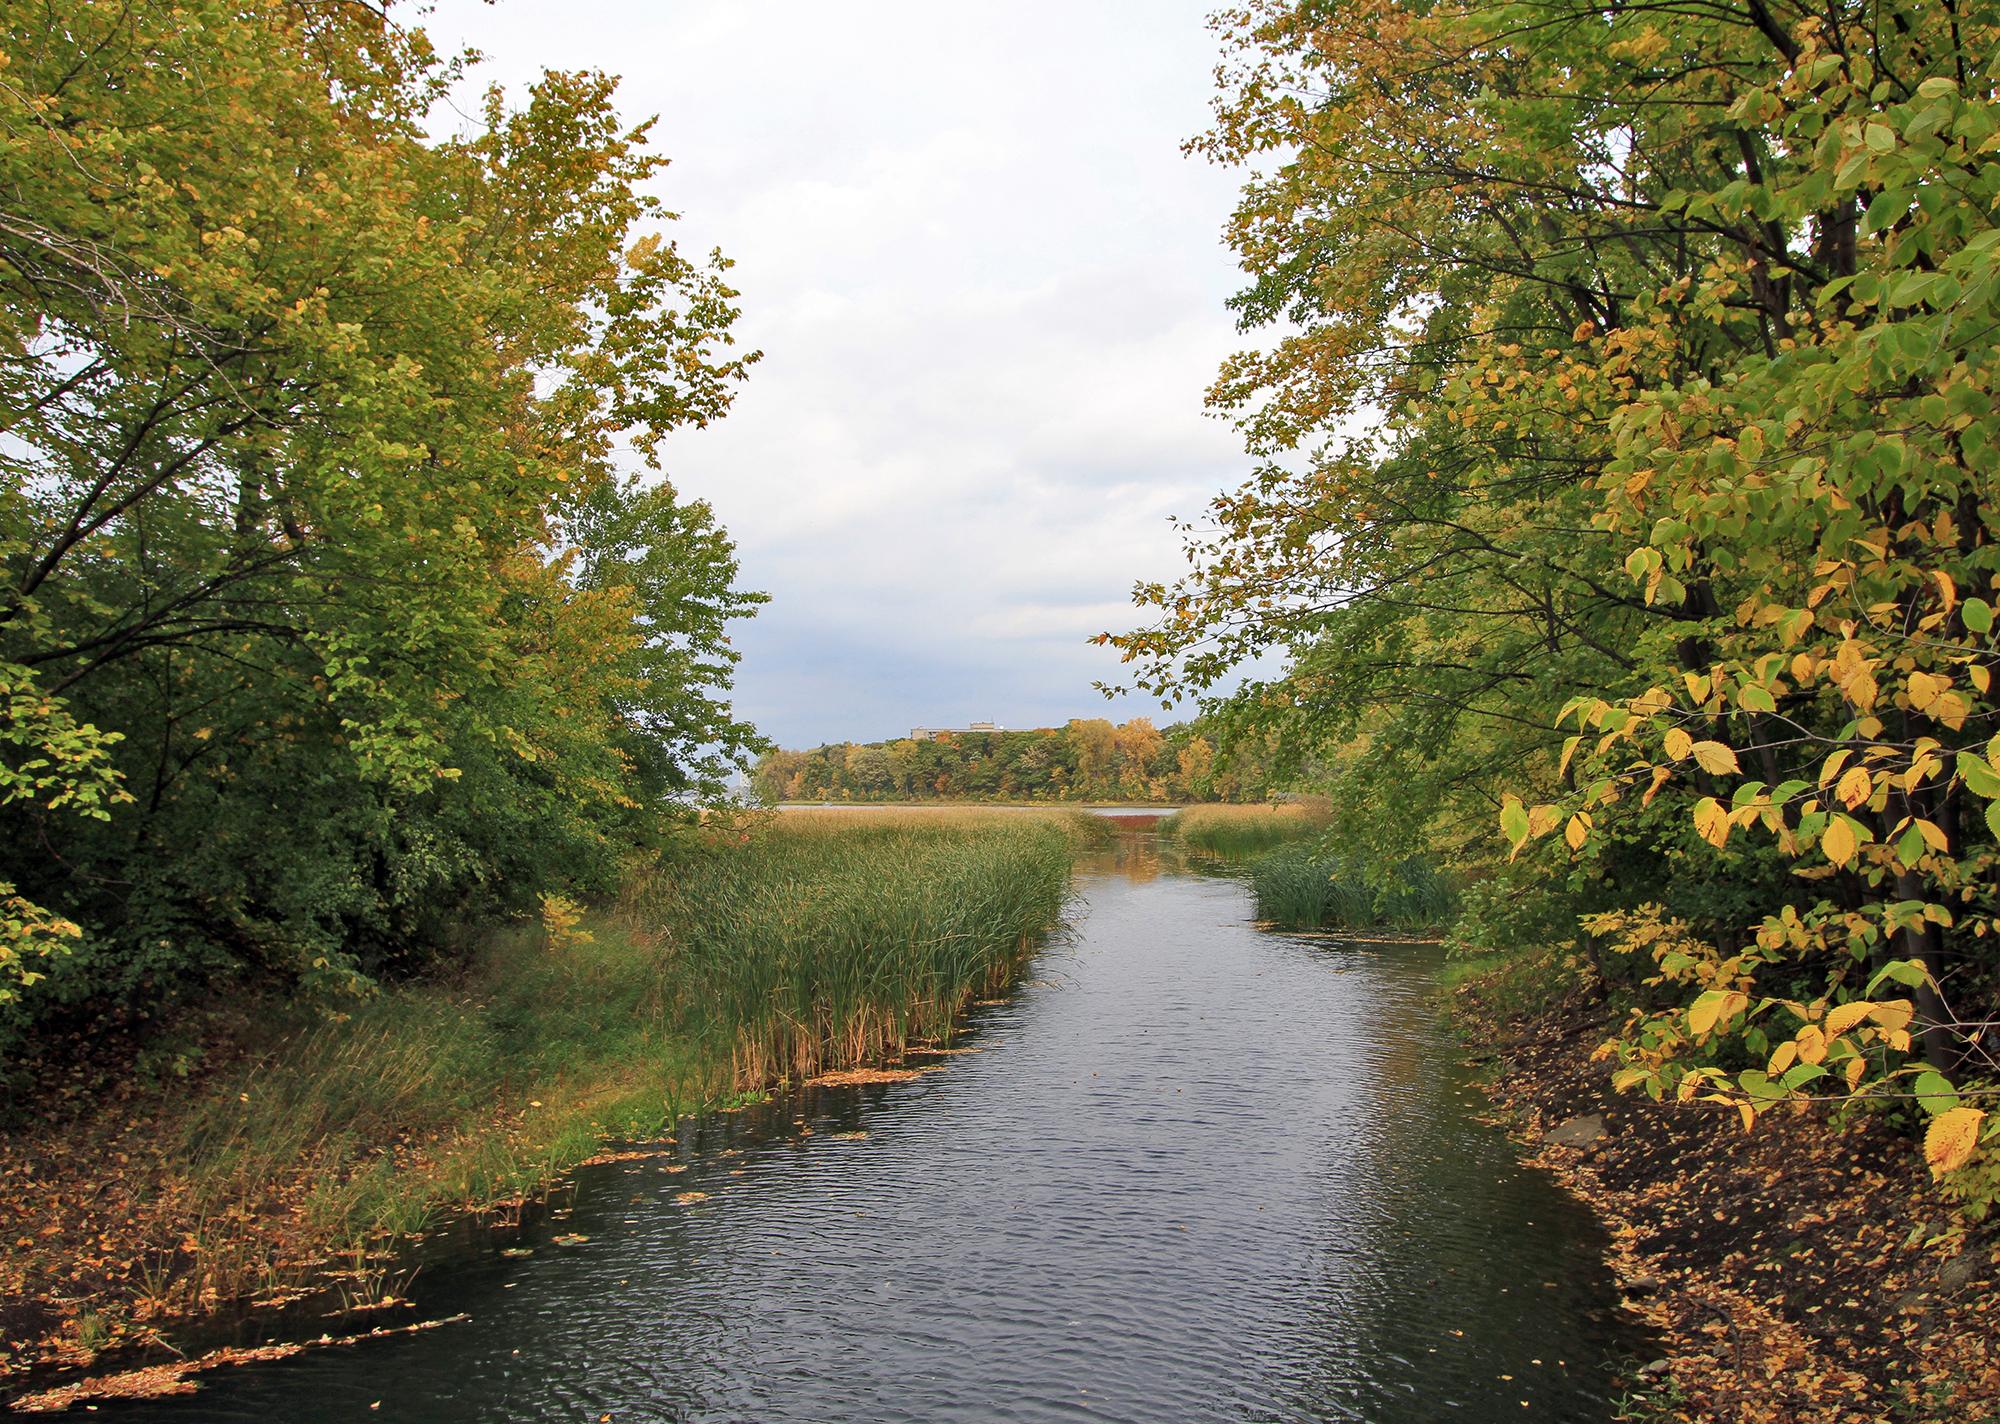 Ruisseau bordé d'arbres et de plantes de marais se jetant dans une rivière.